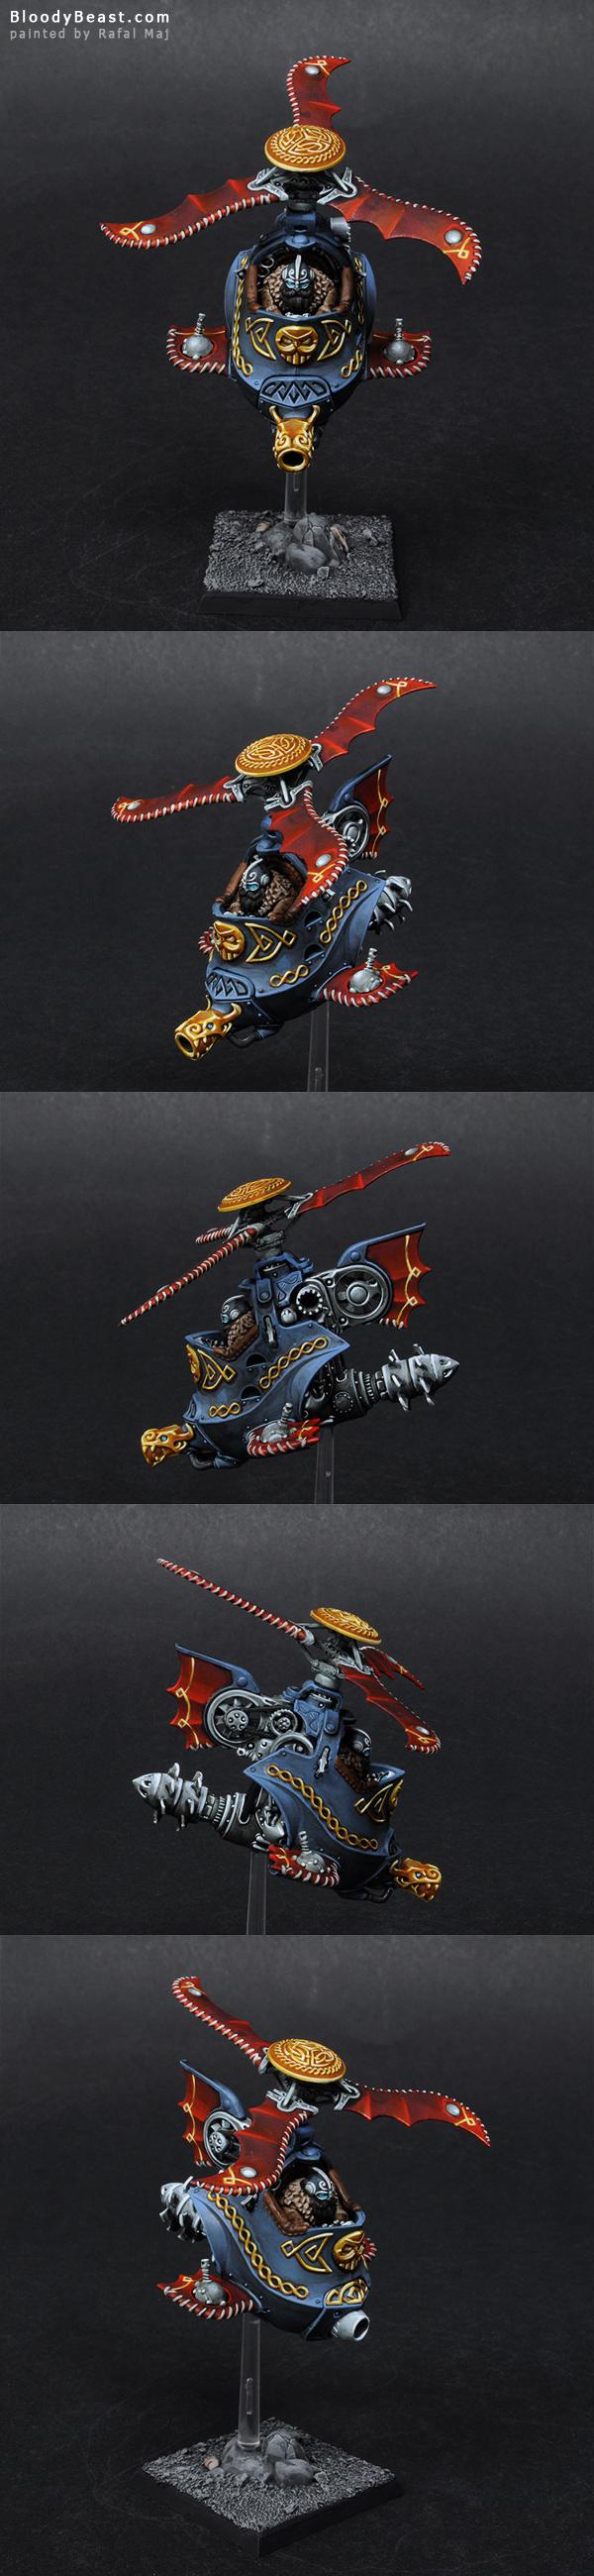 Dwarf Gyrocopter painted by Rafal Maj (BloodyBeast.com)